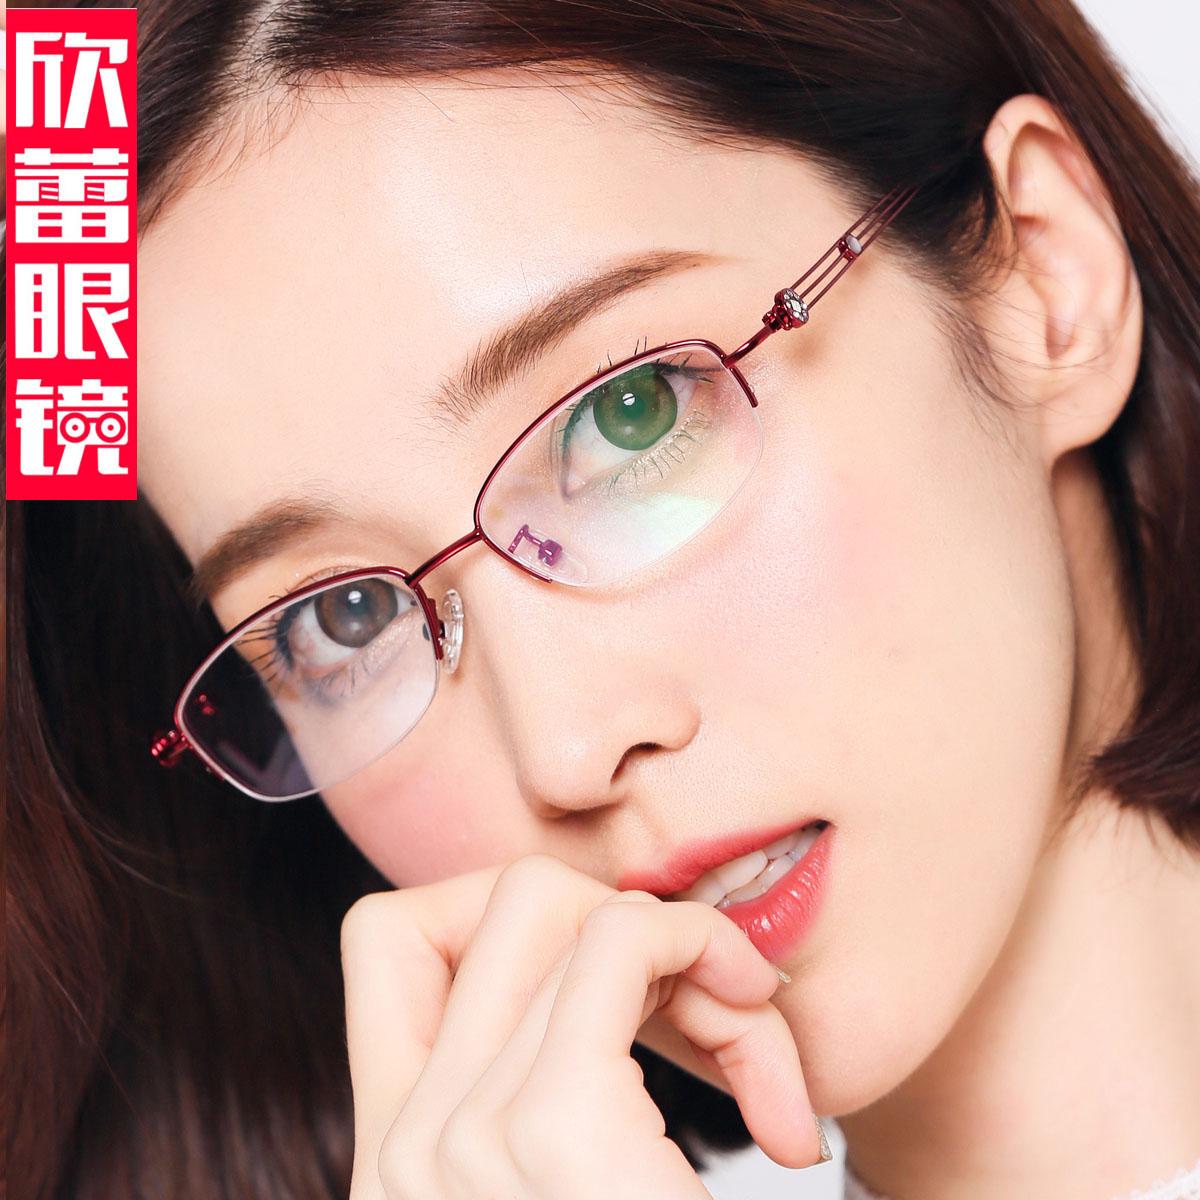 成品近视眼镜眼镜框女防蓝光镜金属优雅